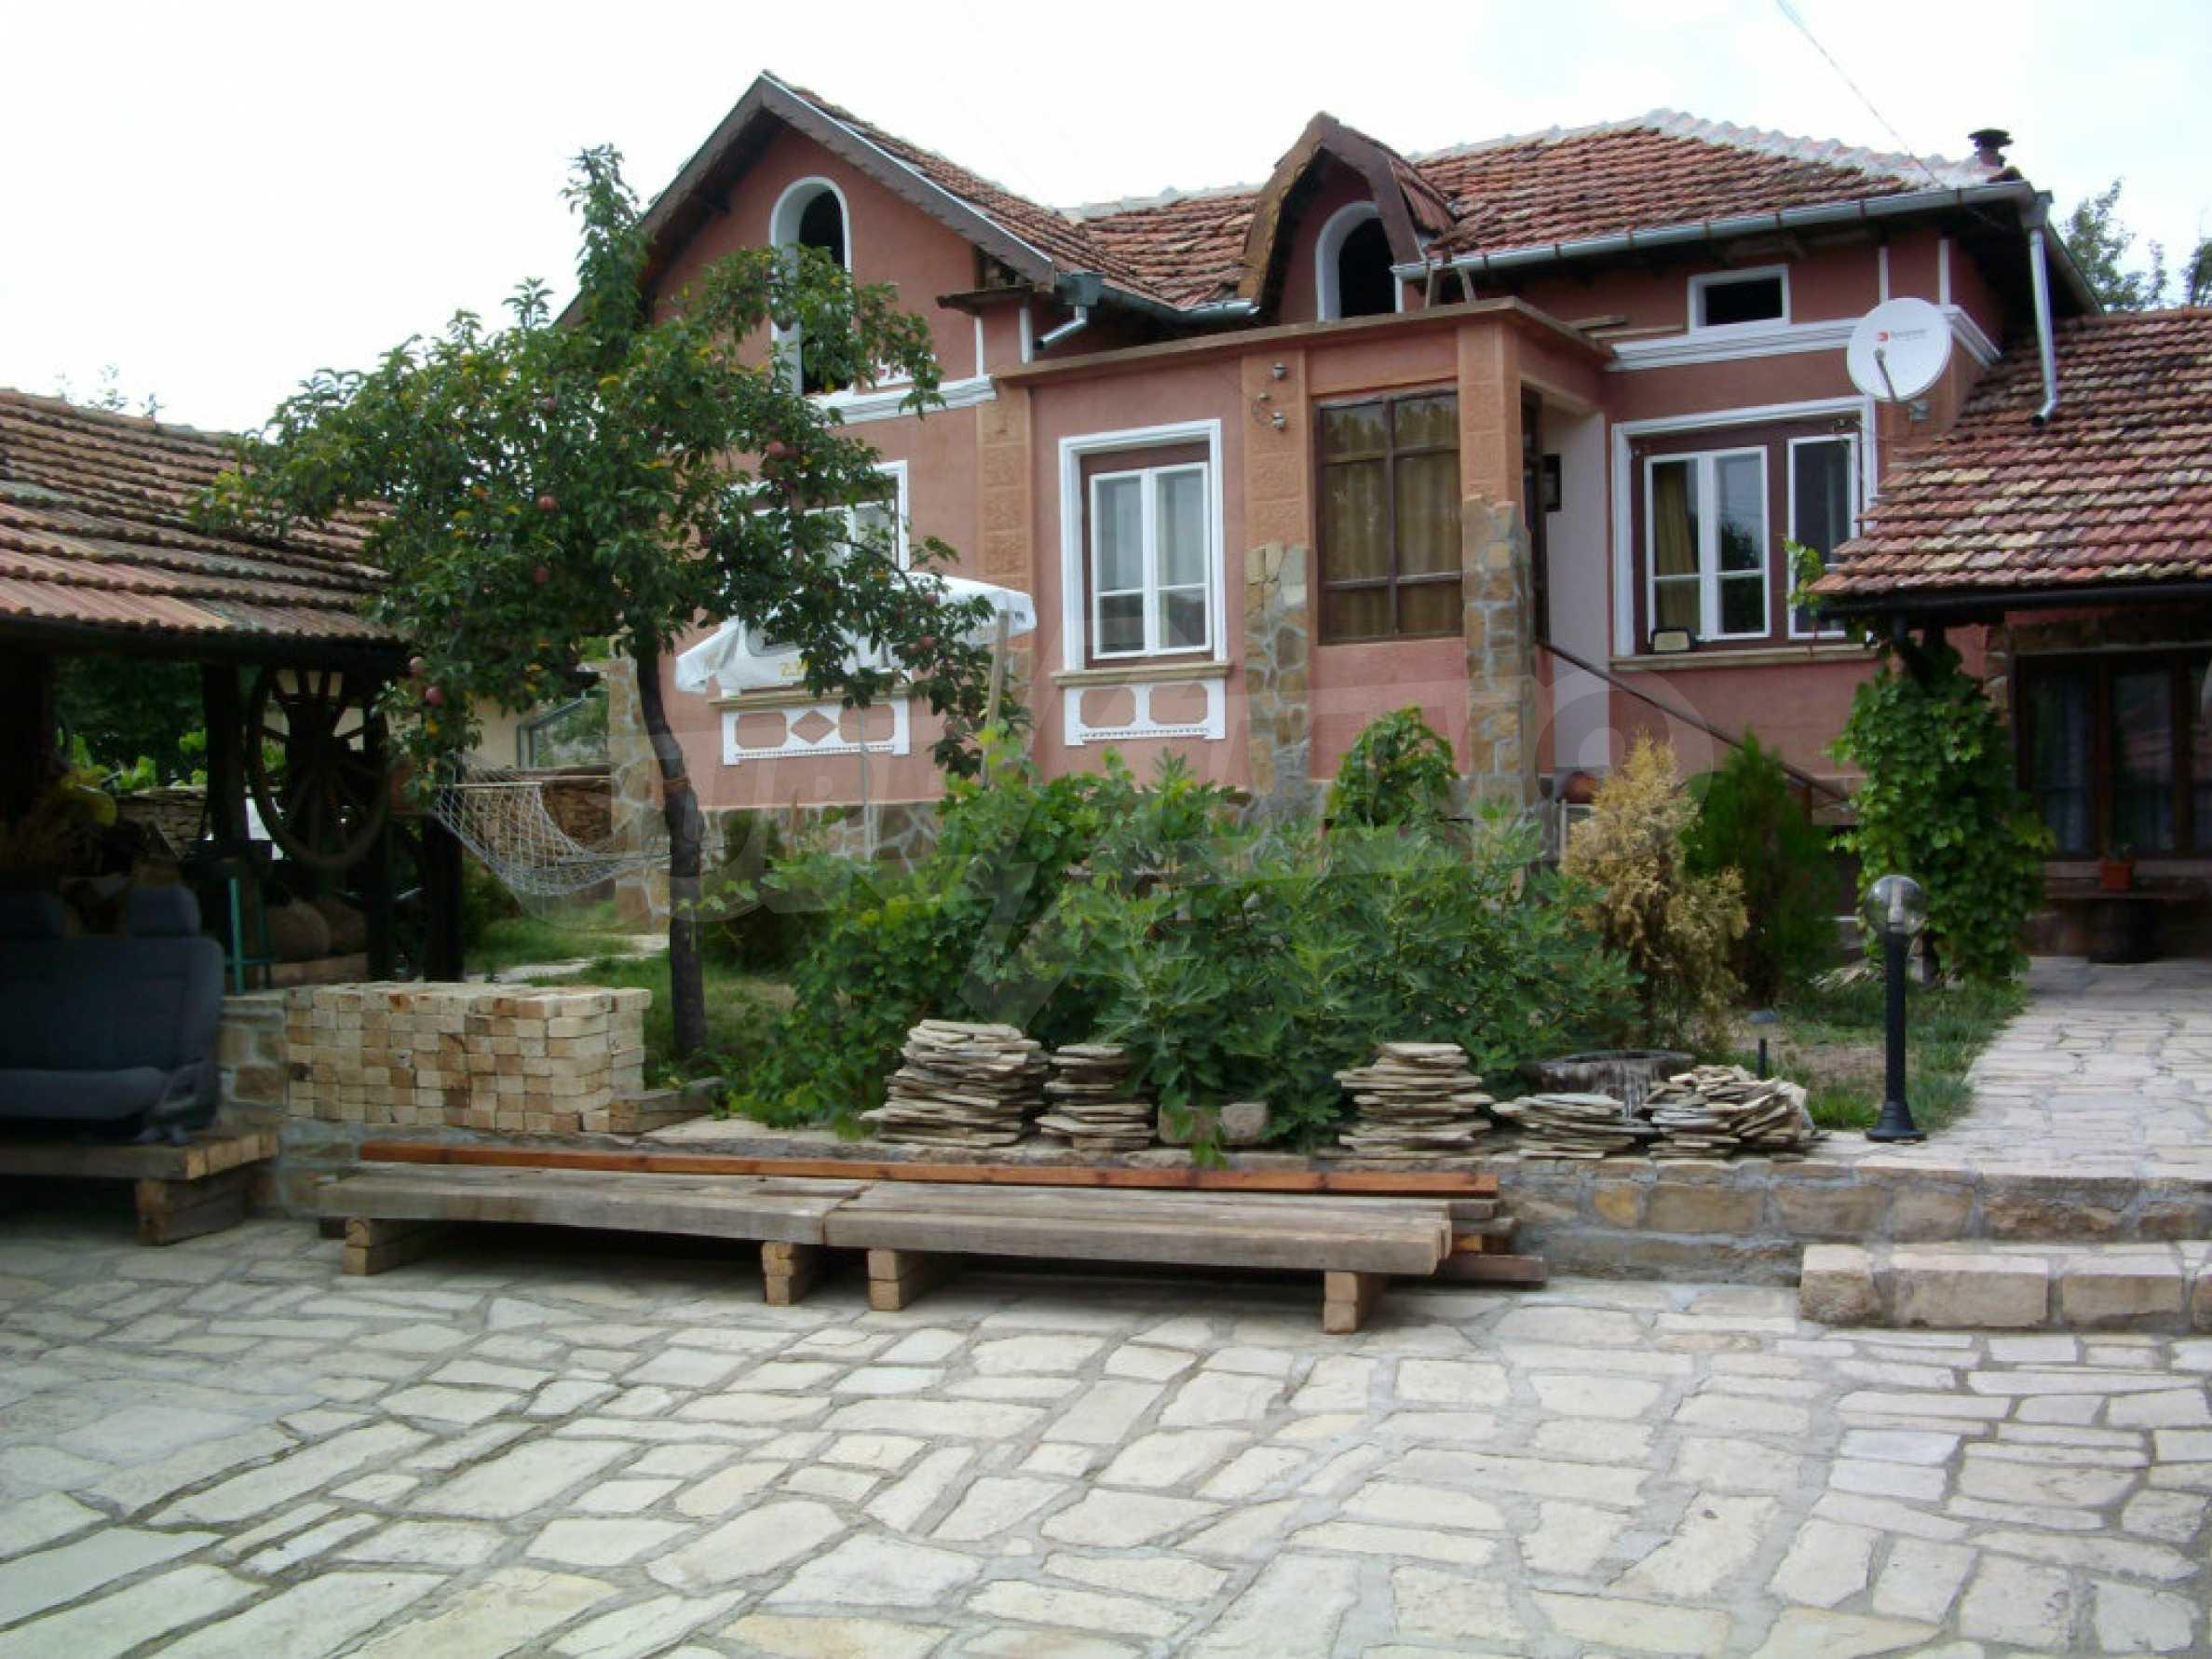 Vollständig möbliertes Anwesen im erhaltenen traditionellen bulgarischen Stil 2